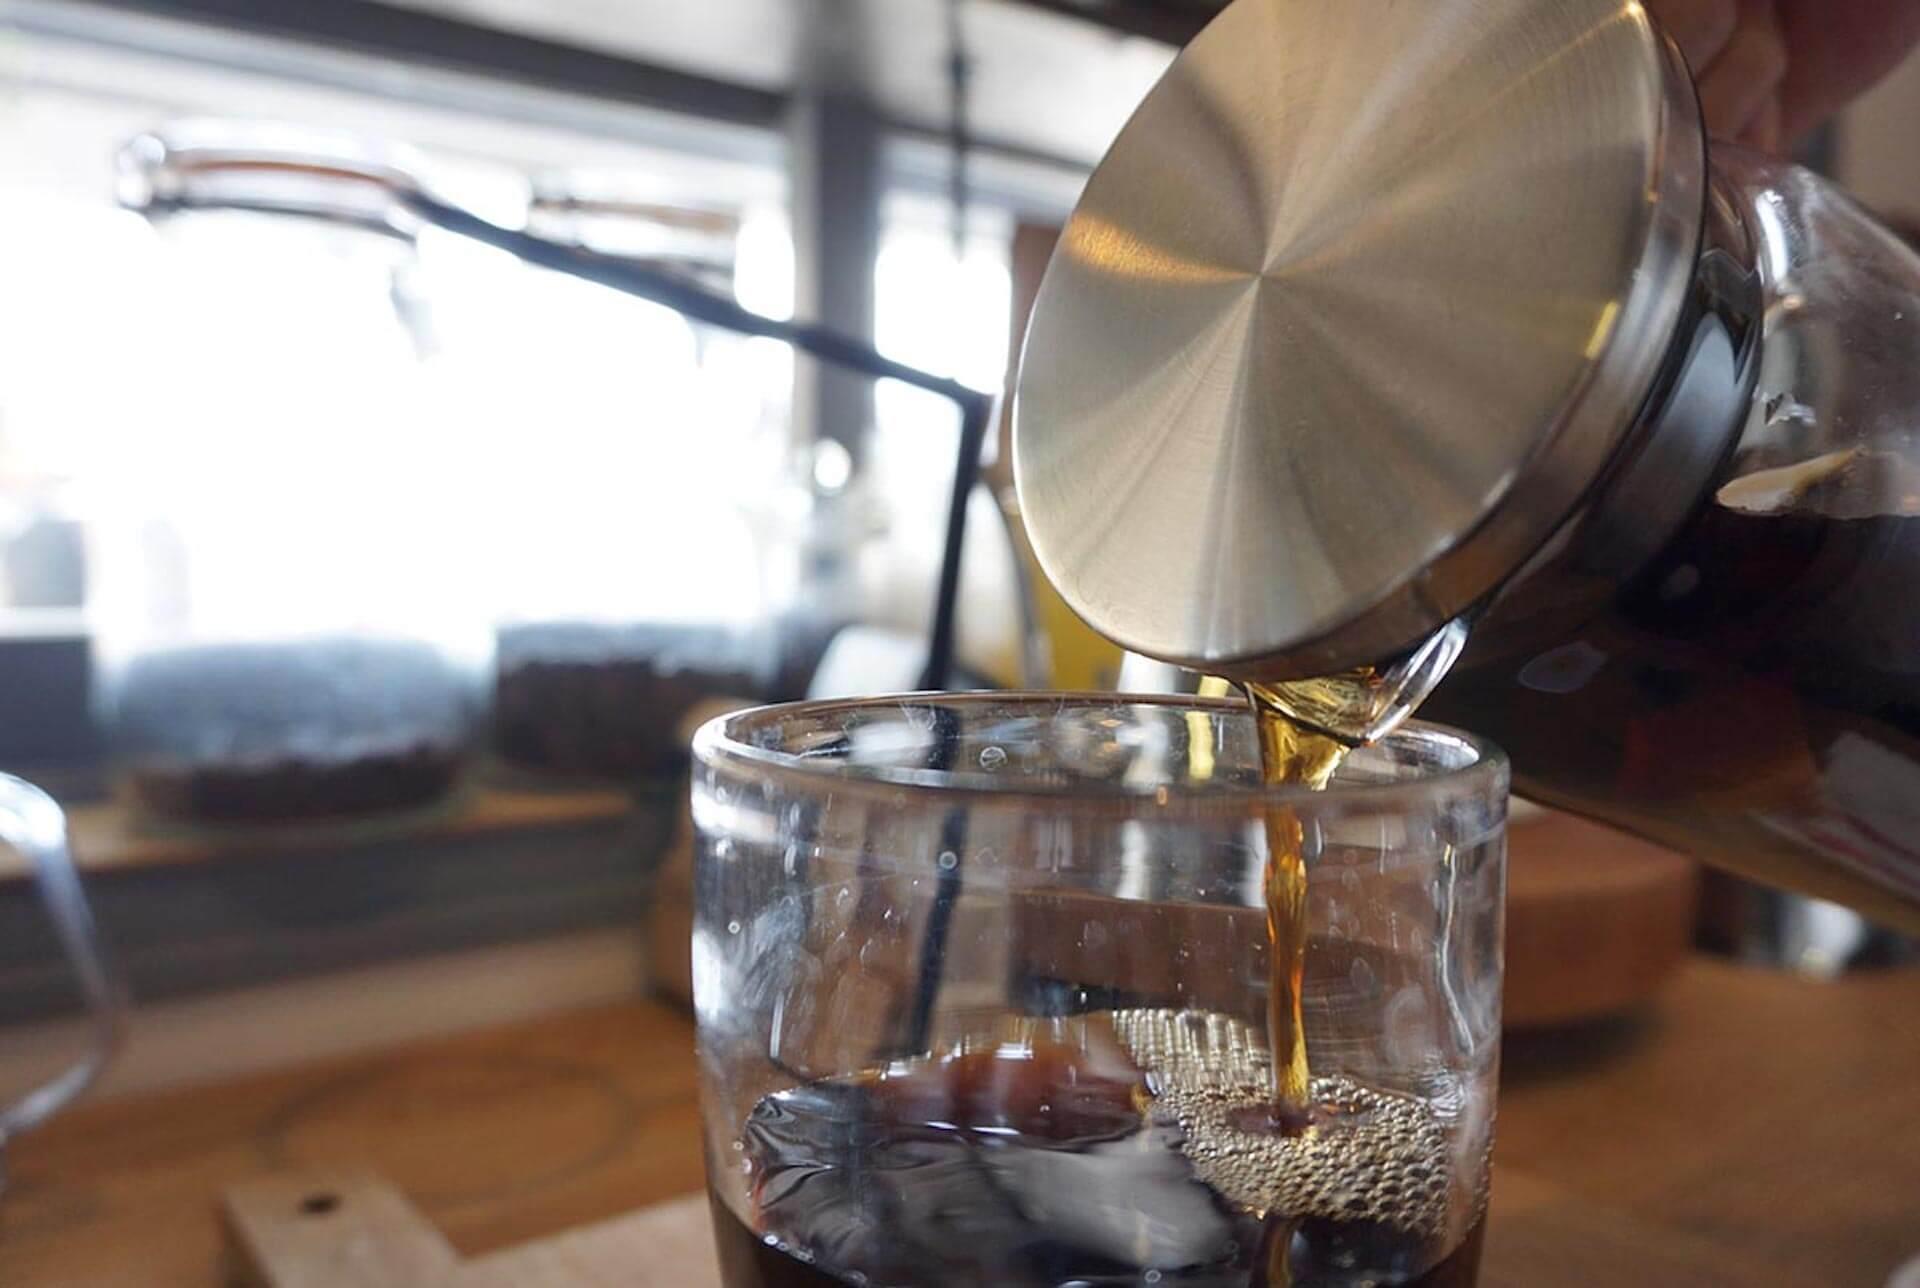 【2021年・コーヒーギア特集】アウトドア&自宅で極上のコーヒータイムを!機能的ギア&厳選コーヒー豆特集 gourmet210303_jeep_coffee_16_1